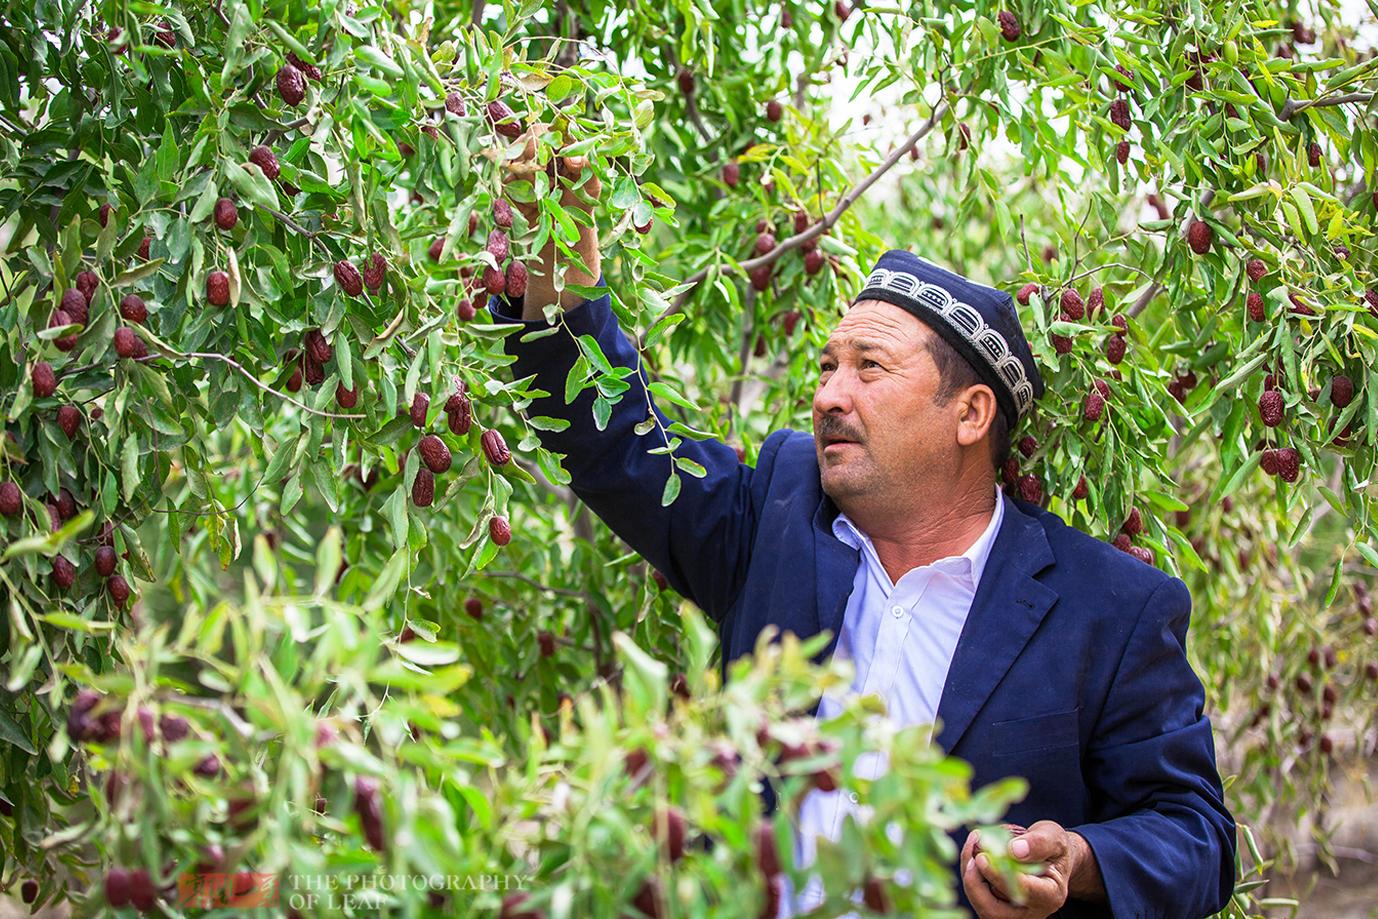 去新疆旅游到果园里吃水果从不要钱,原来是真的,你知道吗?